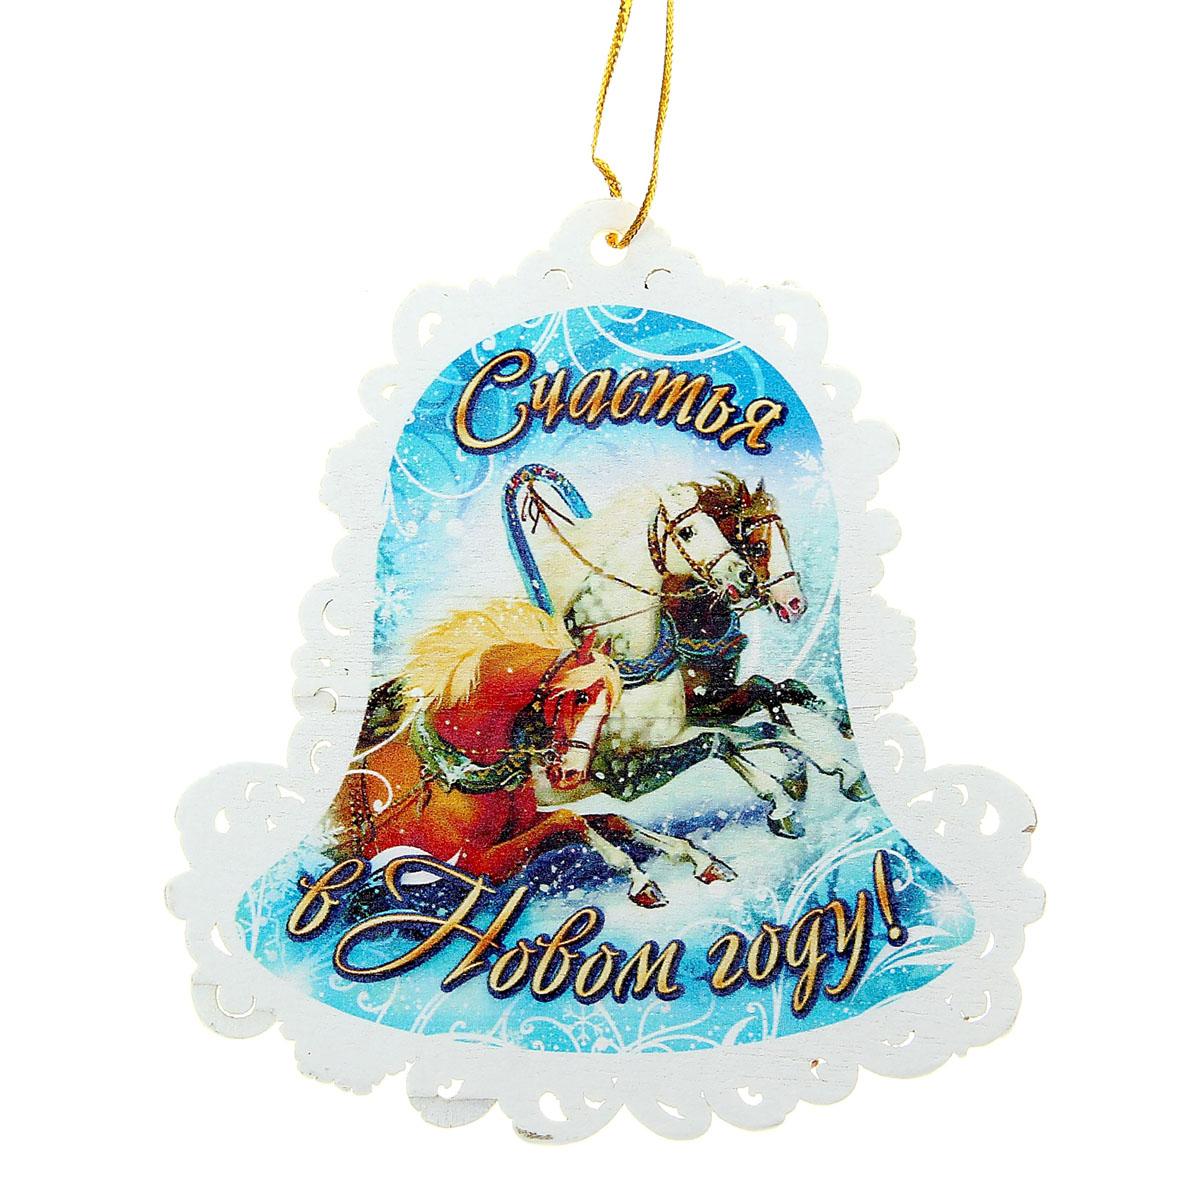 Новогоднее подвесное украшение Sima-land Счастья в Новом году!, цвет: белый. 696761 новогоднее подвесное украшение sima land удачи в новом году светящееся 6 3 см